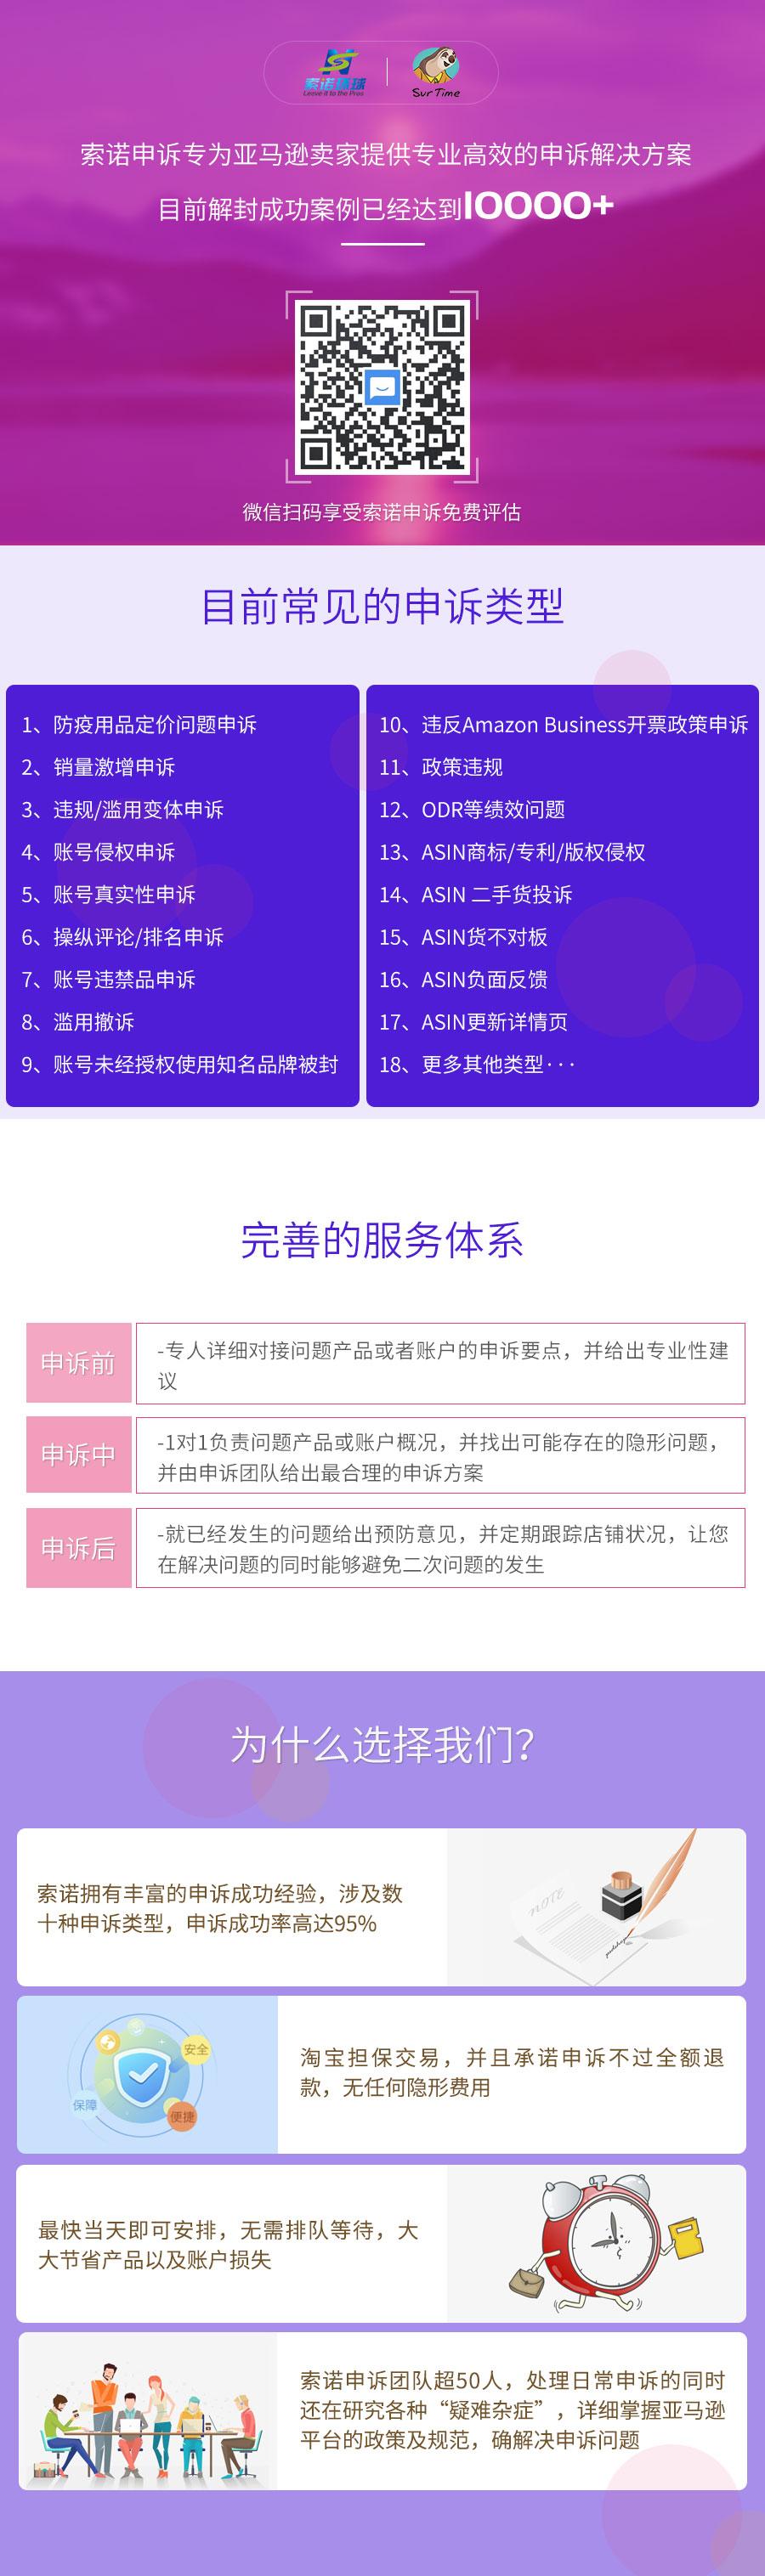 知无不言--申诉介绍(5).jpg